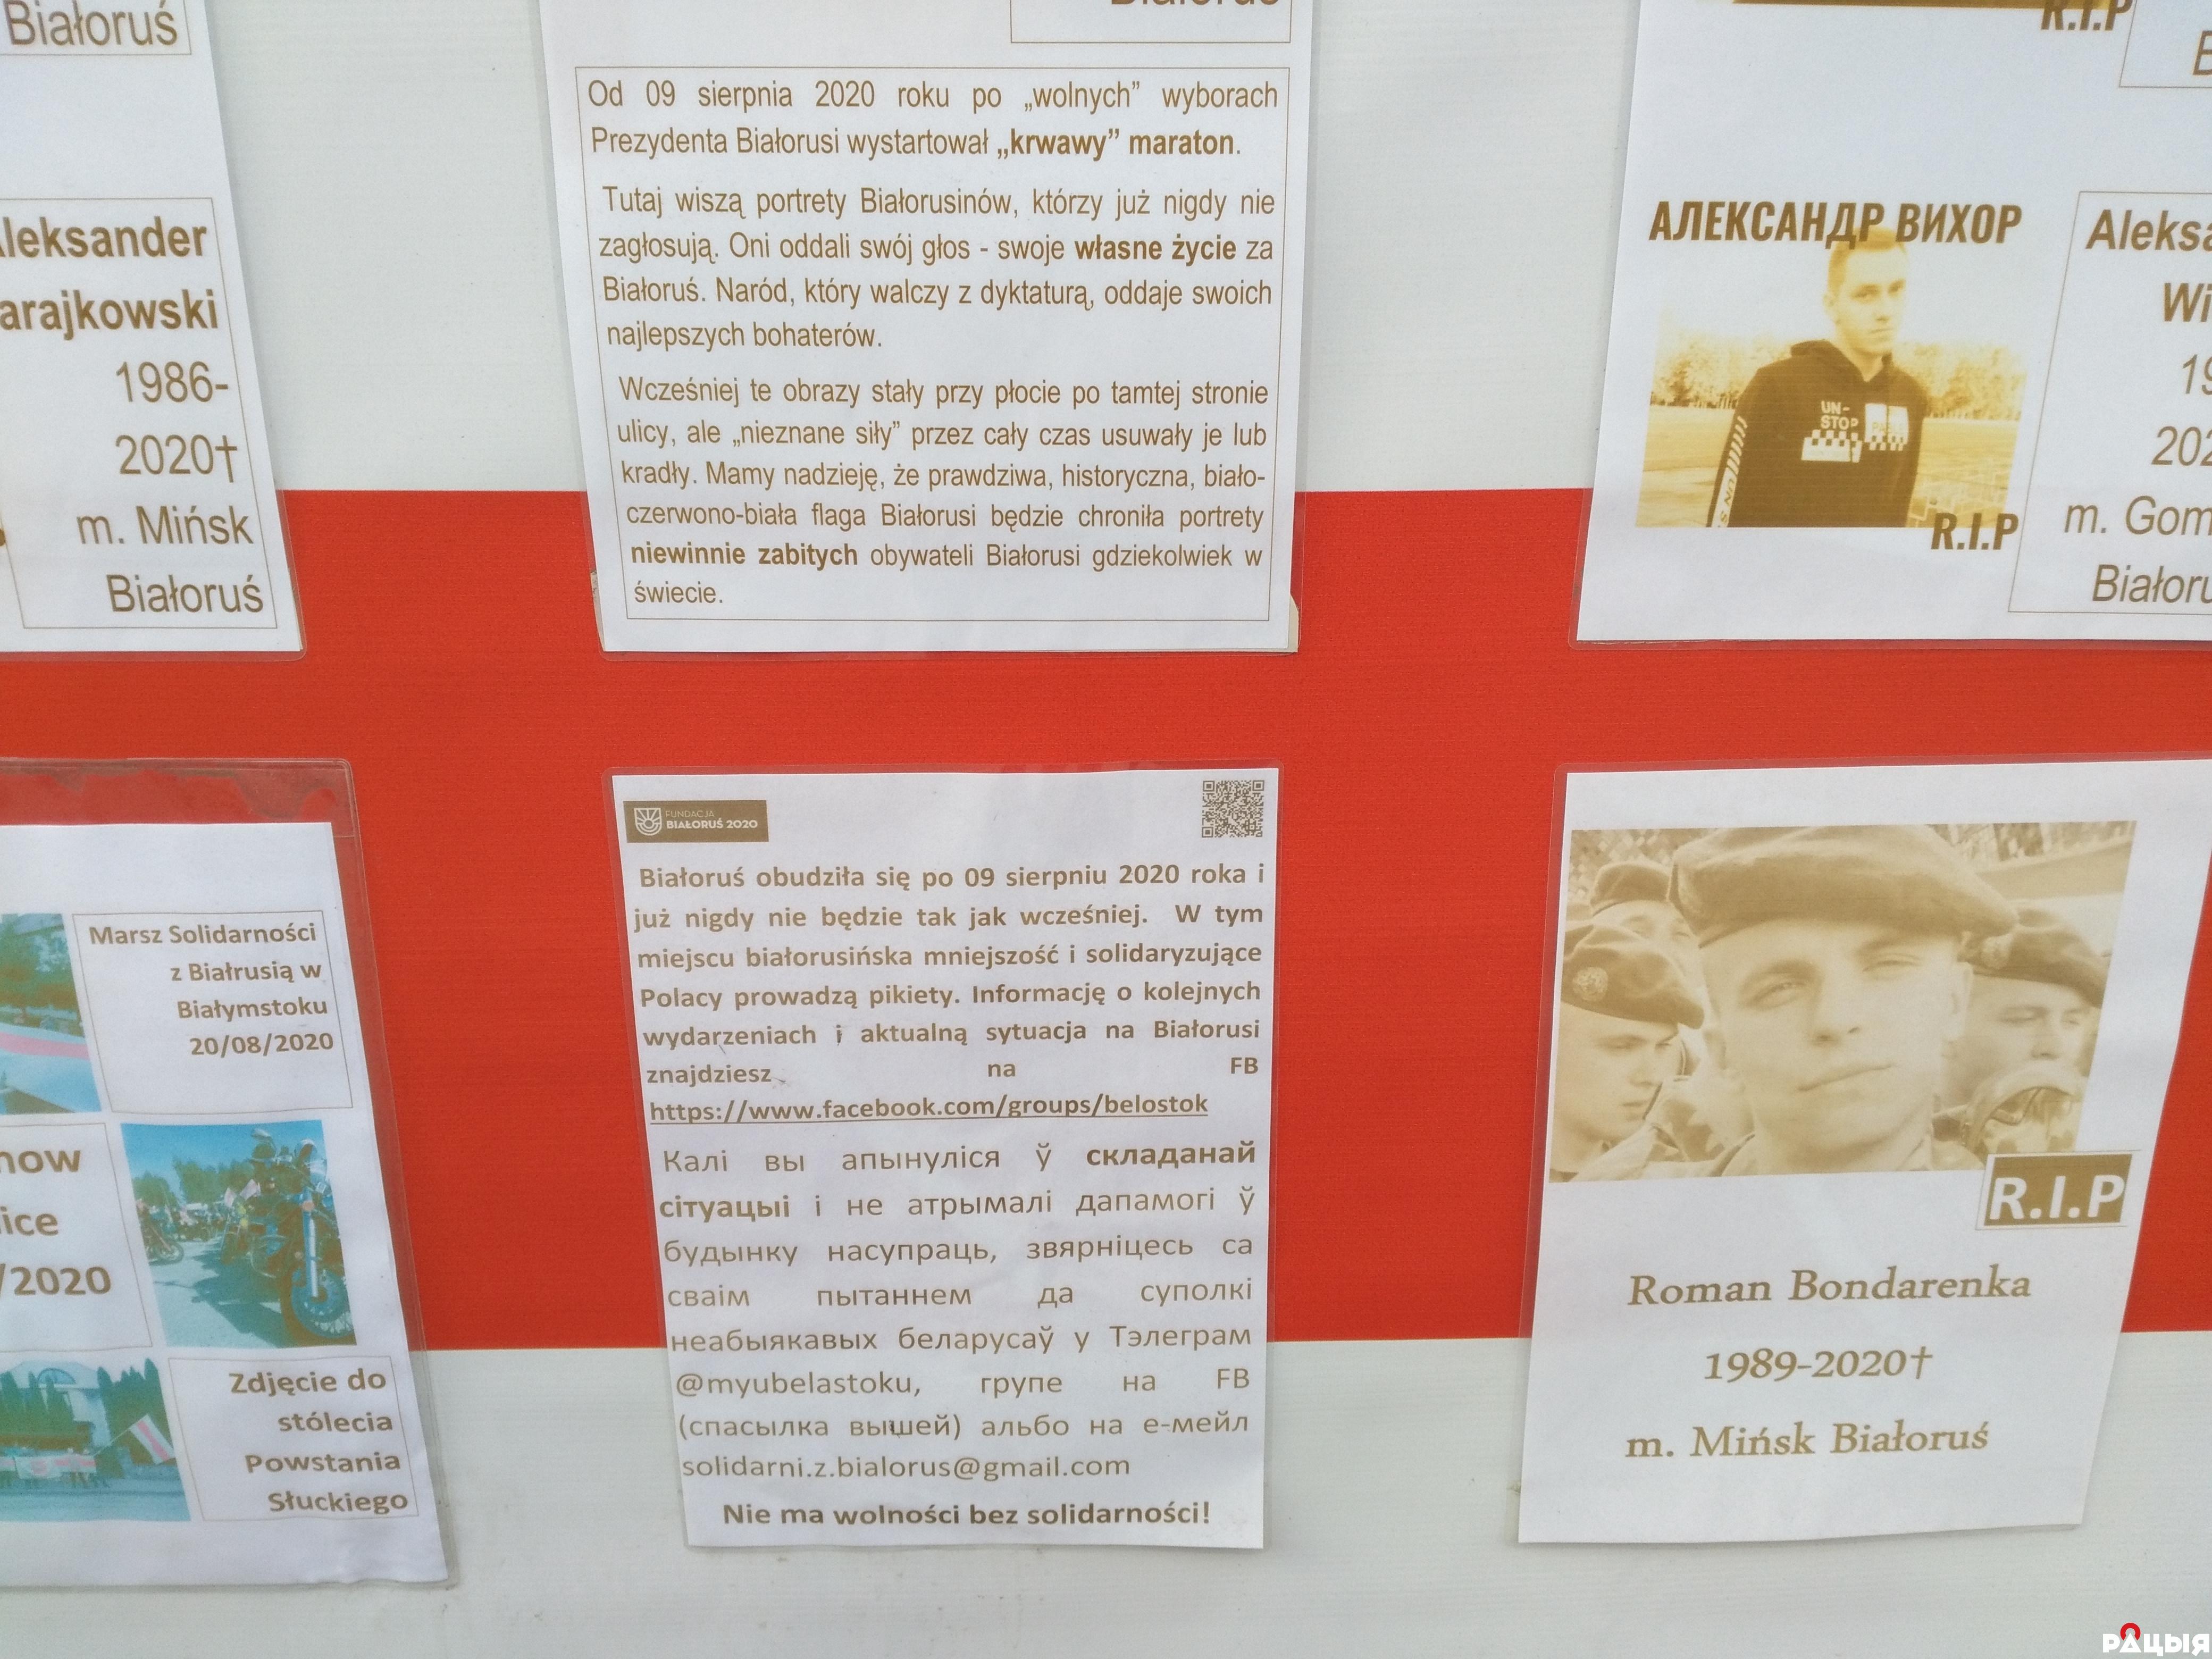 Насупраць беларускага консульства ў Беластоку з'явіліся плакаты БНР6